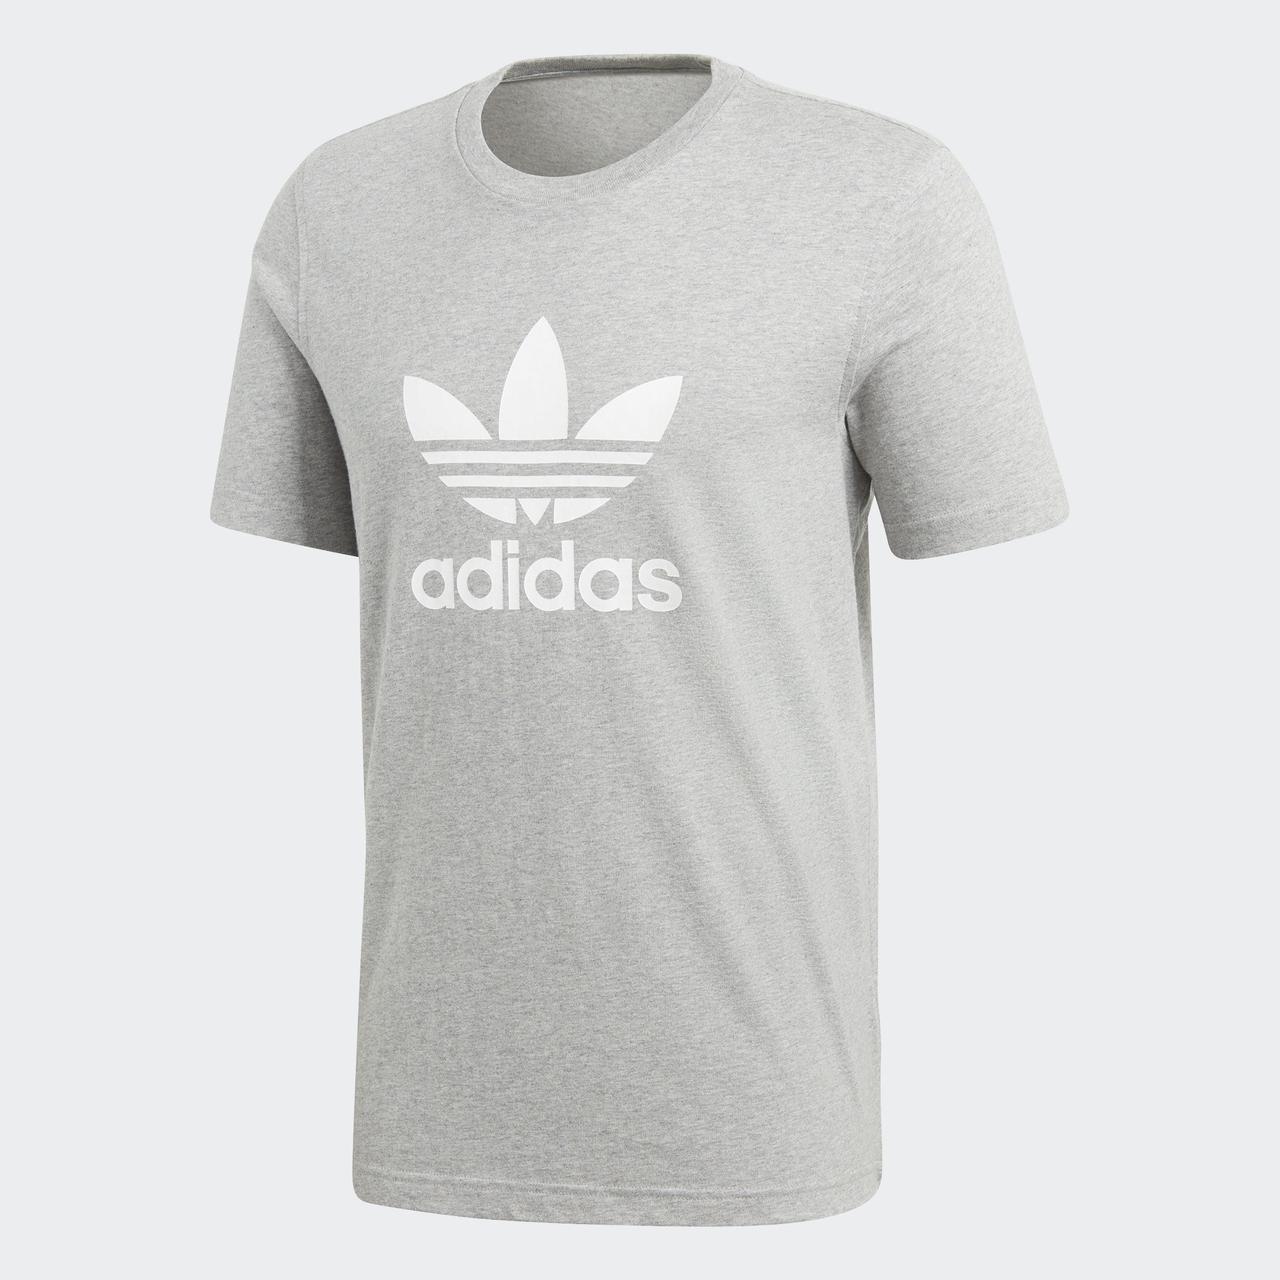 facbe8df Купить Мужская футболка Adidas Originals Trefoil (Артикул: CY4574) в ...